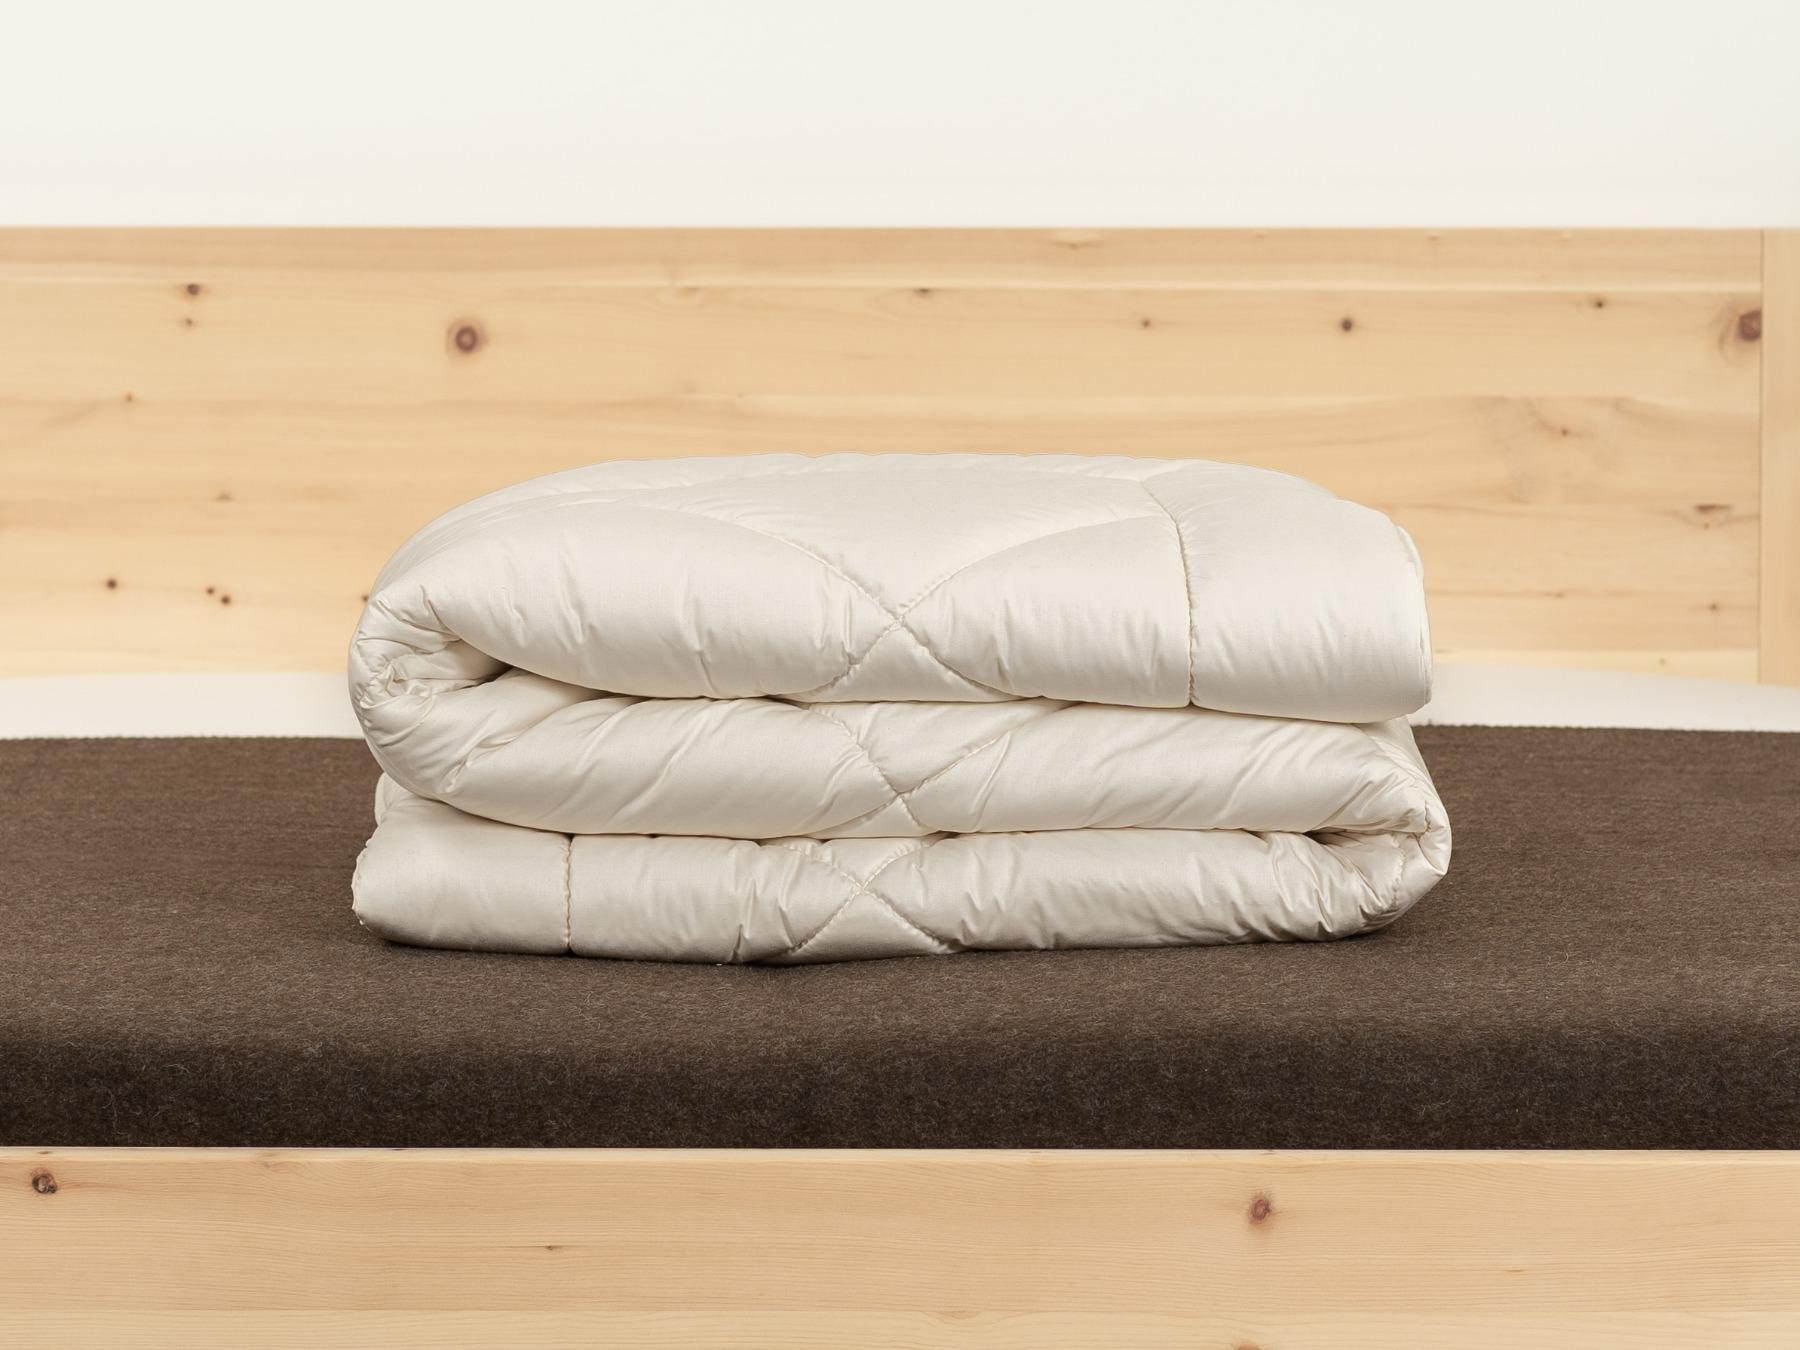 Duo-Zirbendecke: 2 leichte Decken miteinander versteppt.